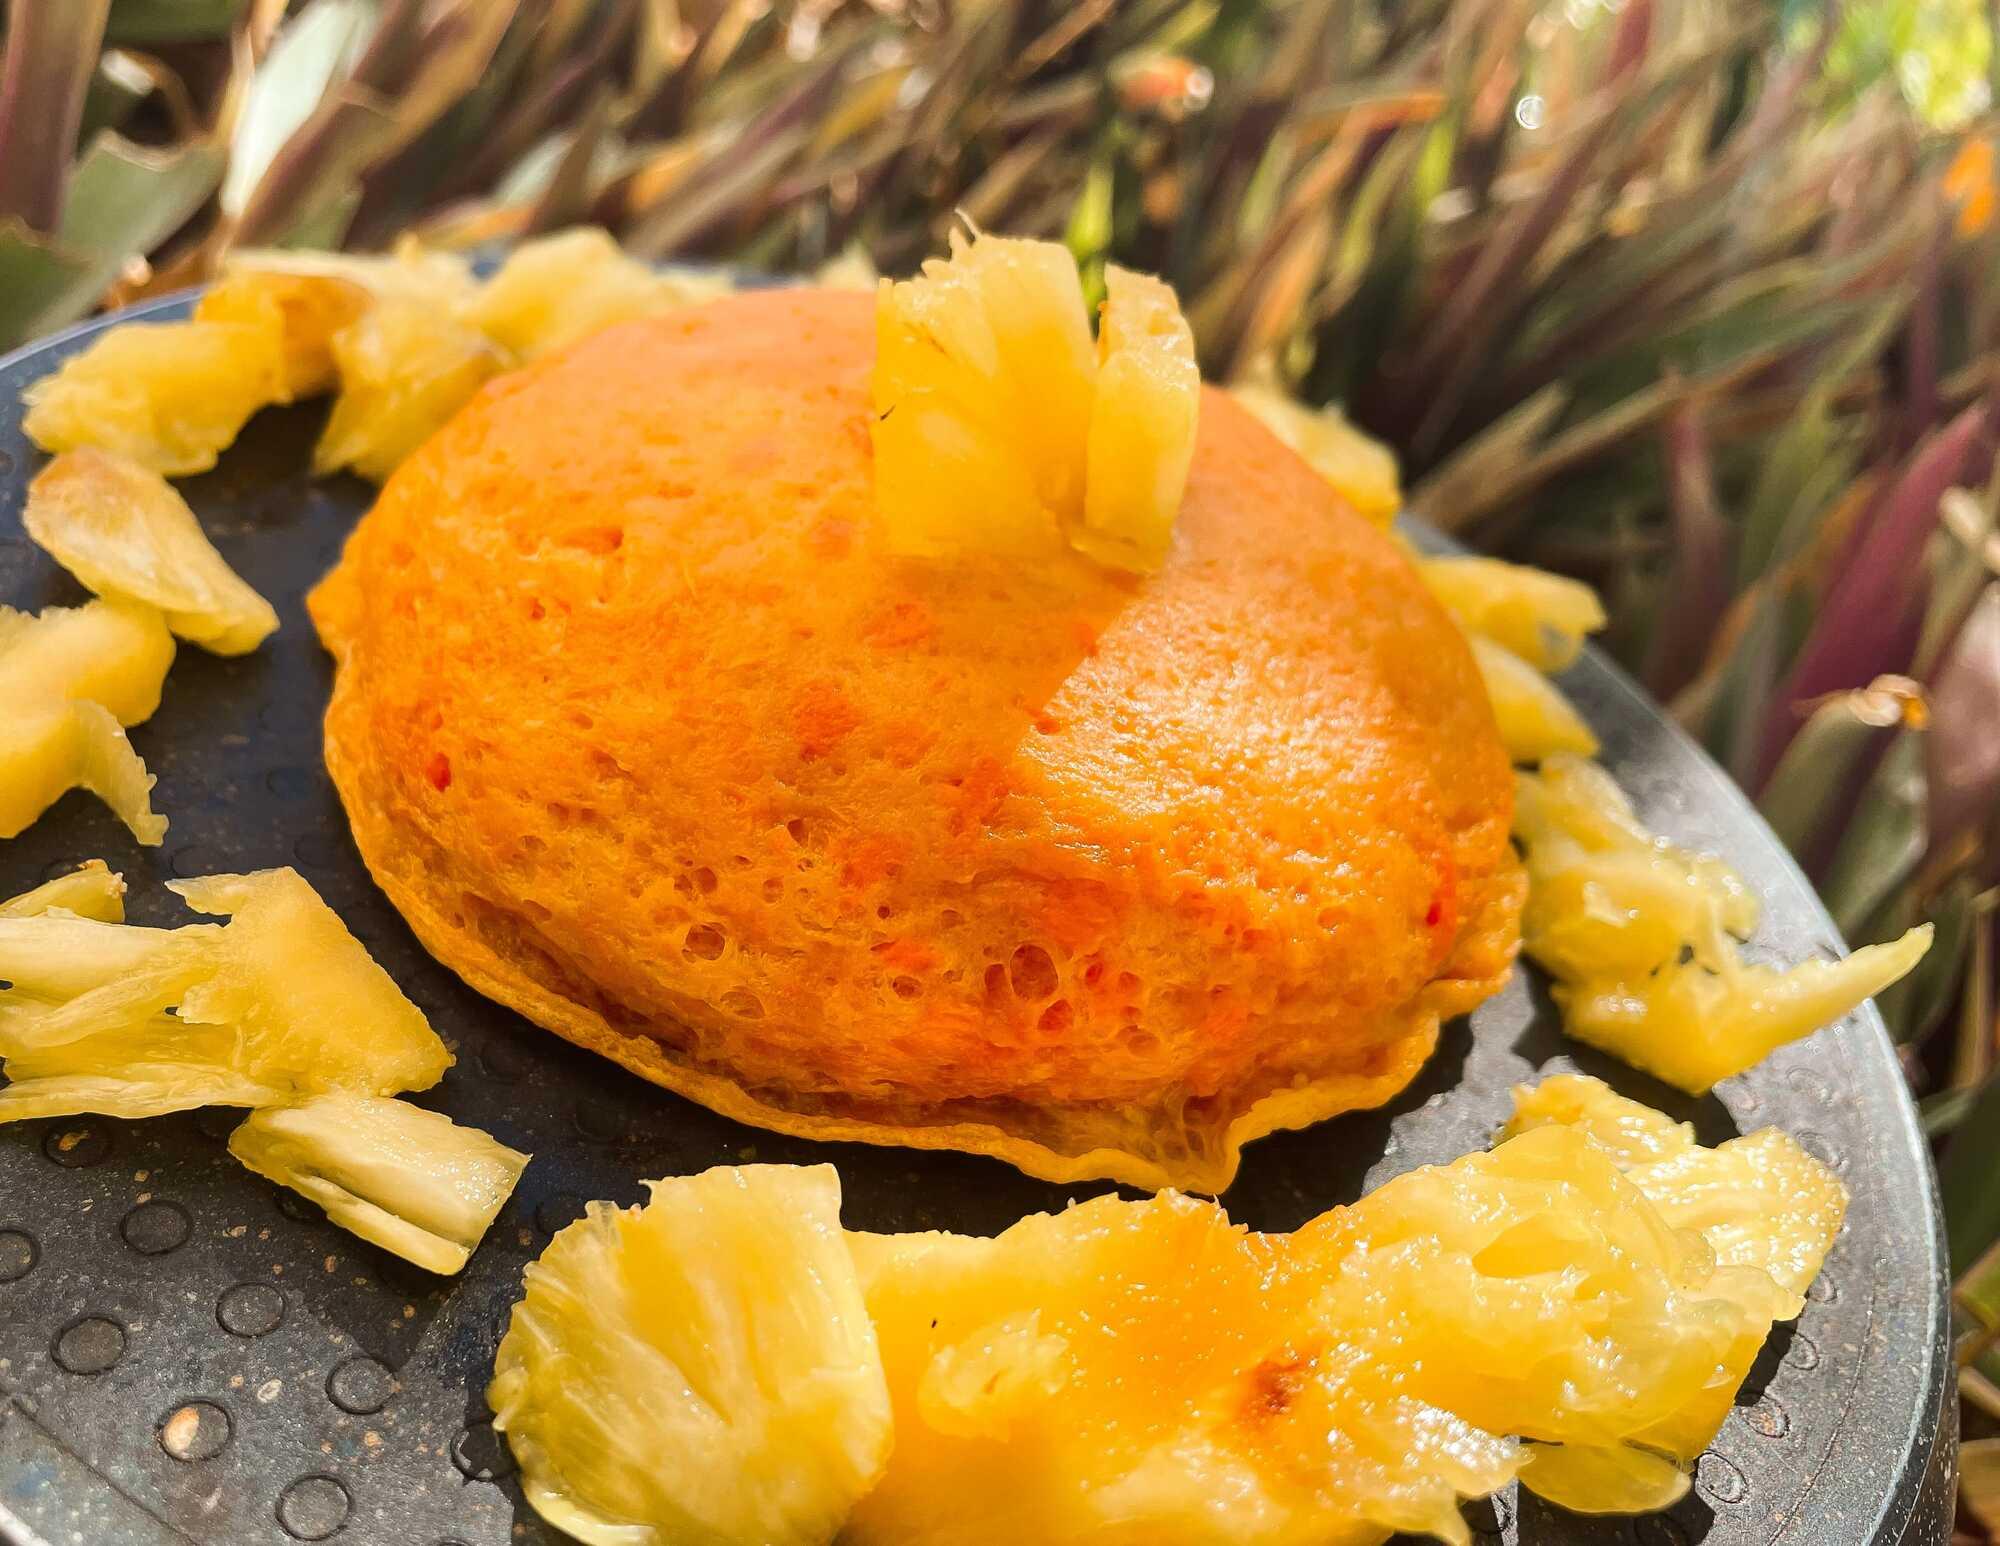 Gâteau orange et rond présenté sur une assiette noire au-dessus de feuilles et décoré d'ananas frais coupé grossièrement.